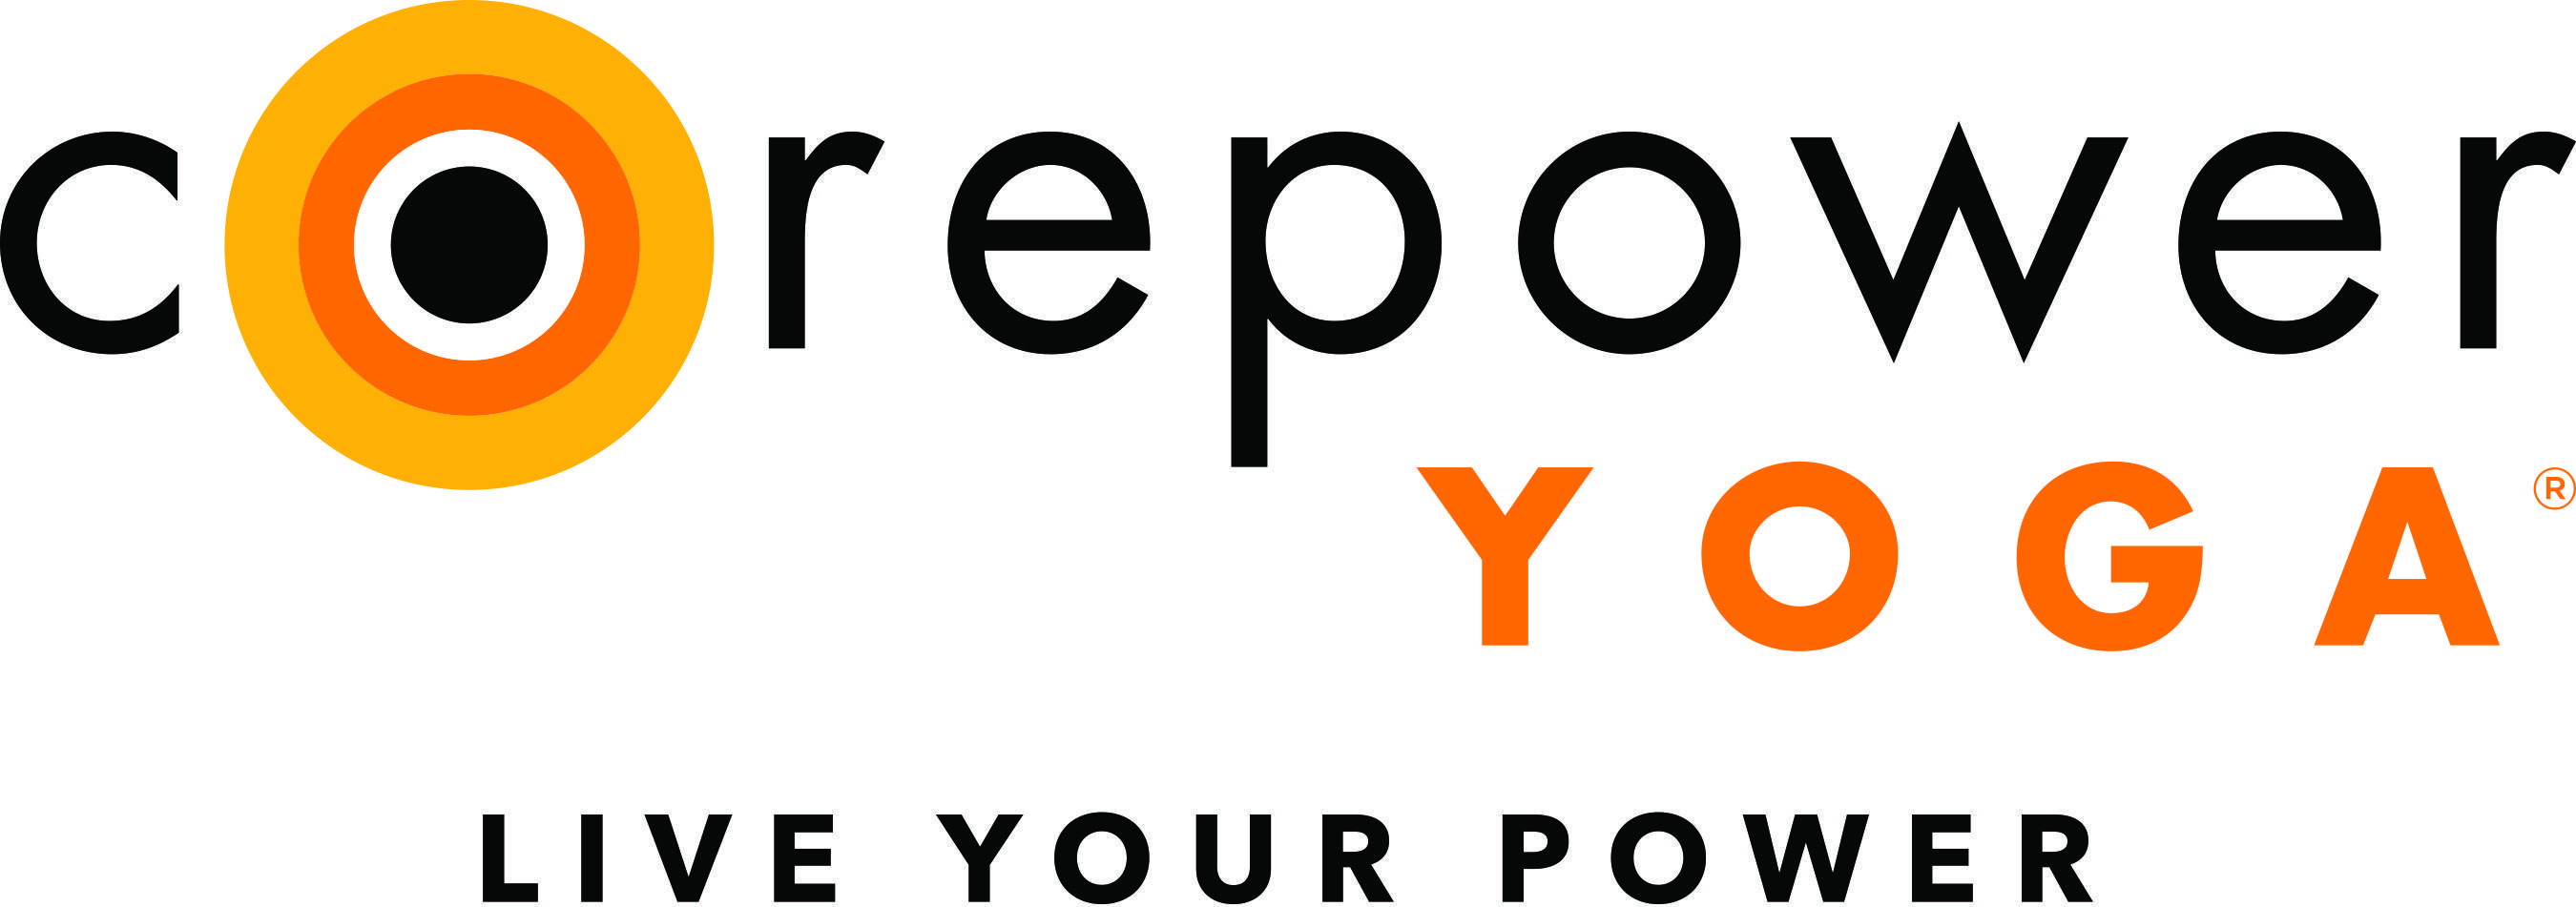 CorePower Yoga company logo